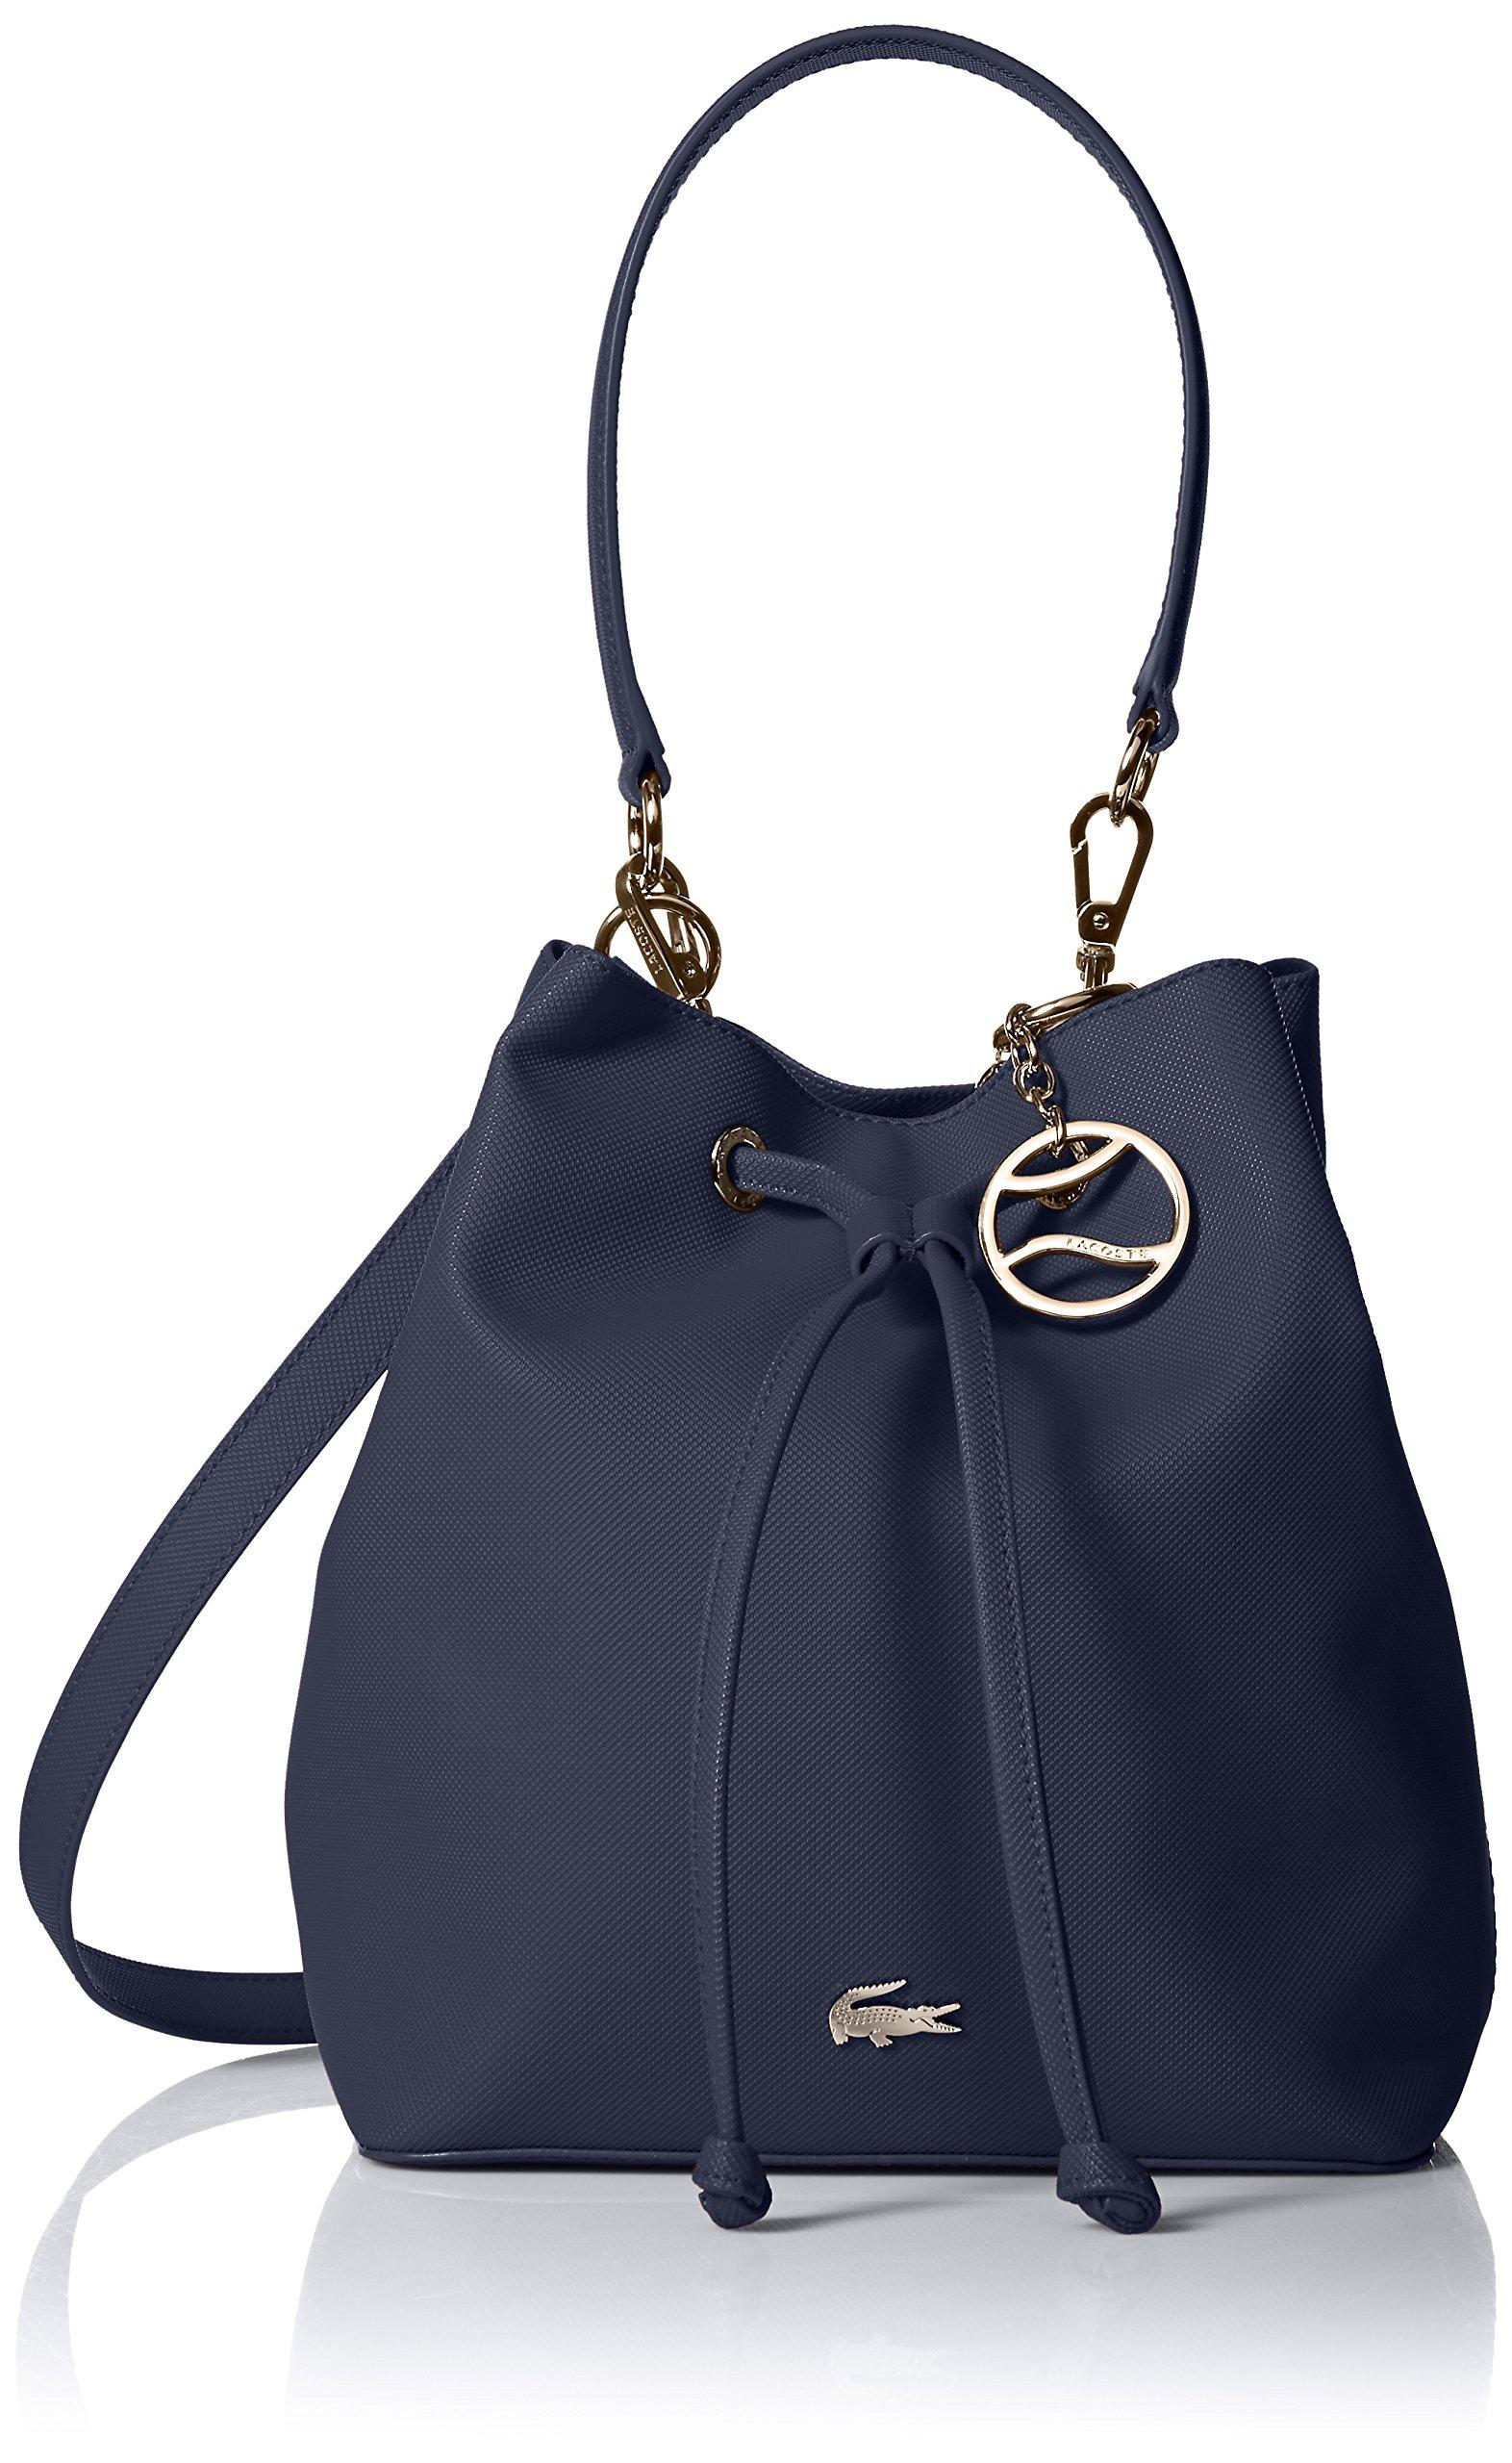 Lacoste Bucket Bag, Nf2535dc, Peacoat